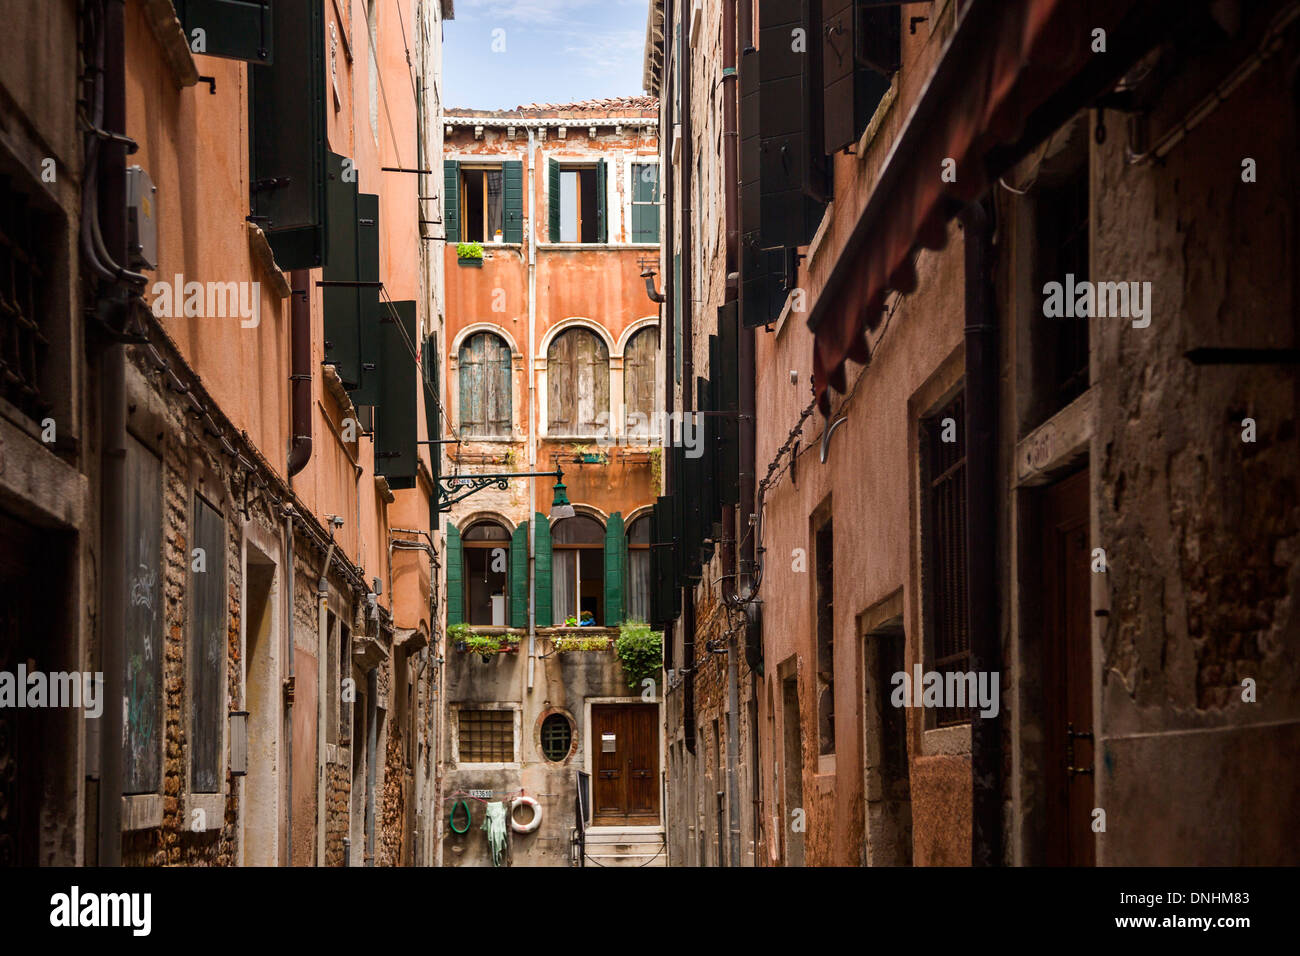 Bâtiments le long d'une rue, Venise, Vénétie, Italie Banque D'Images